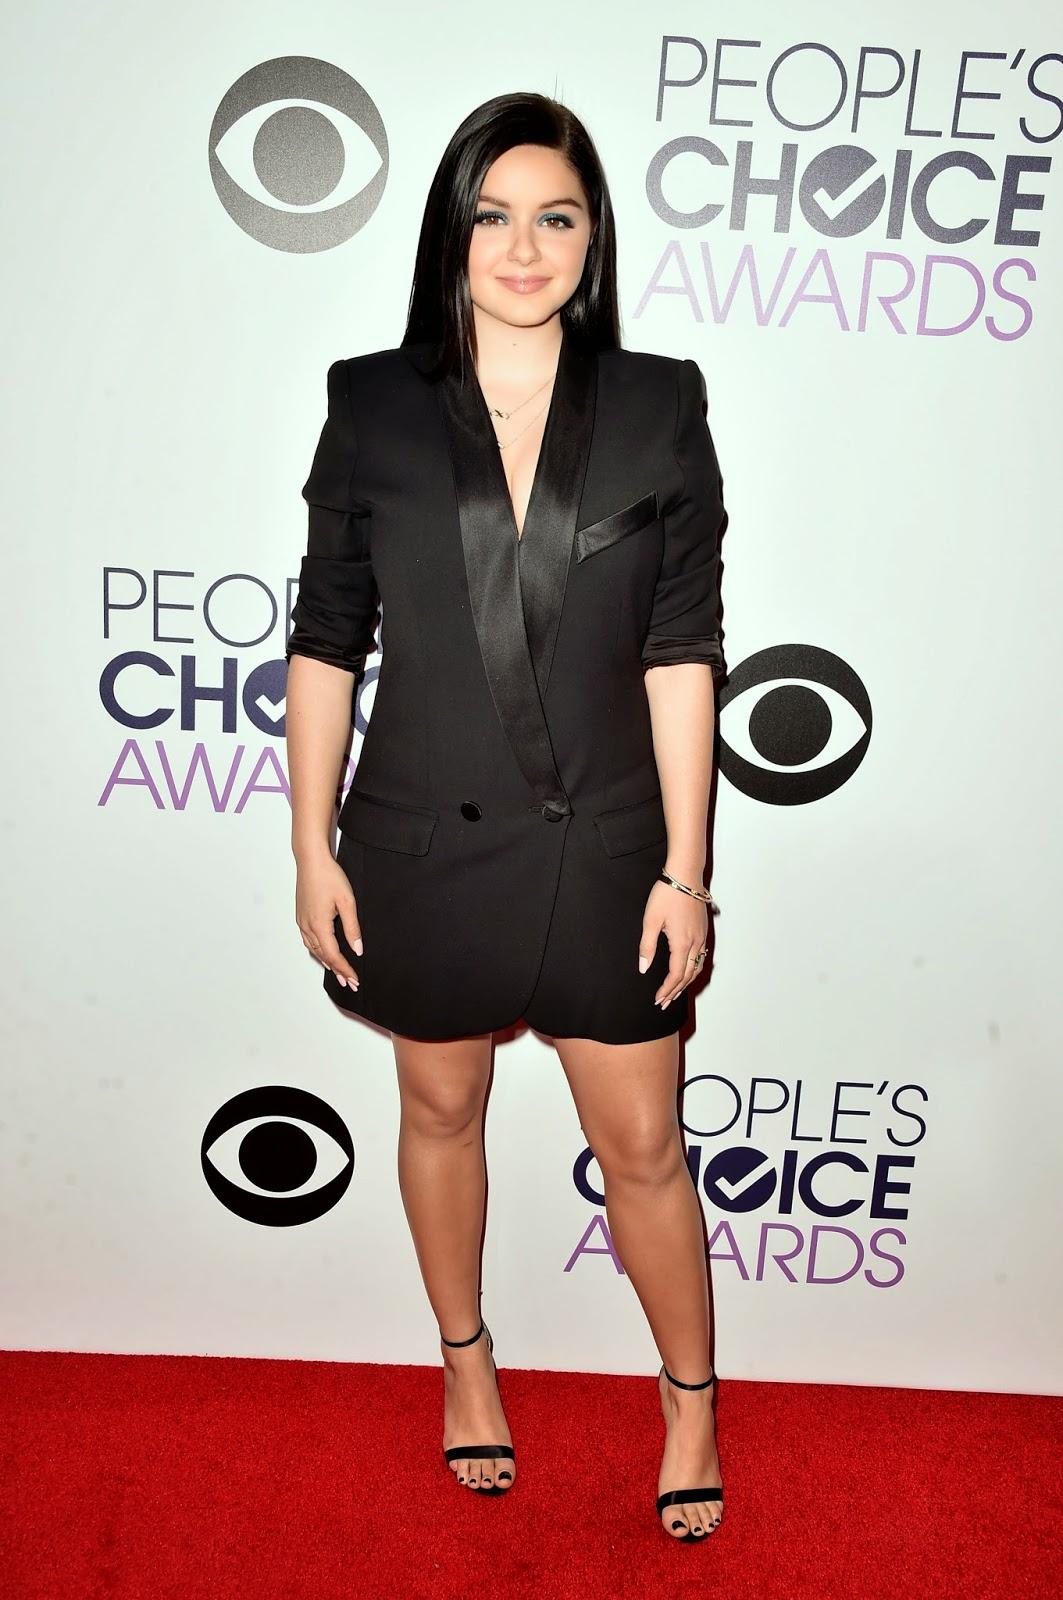 ارييل وينتر في حفل 41st Annual People's Choice Awards